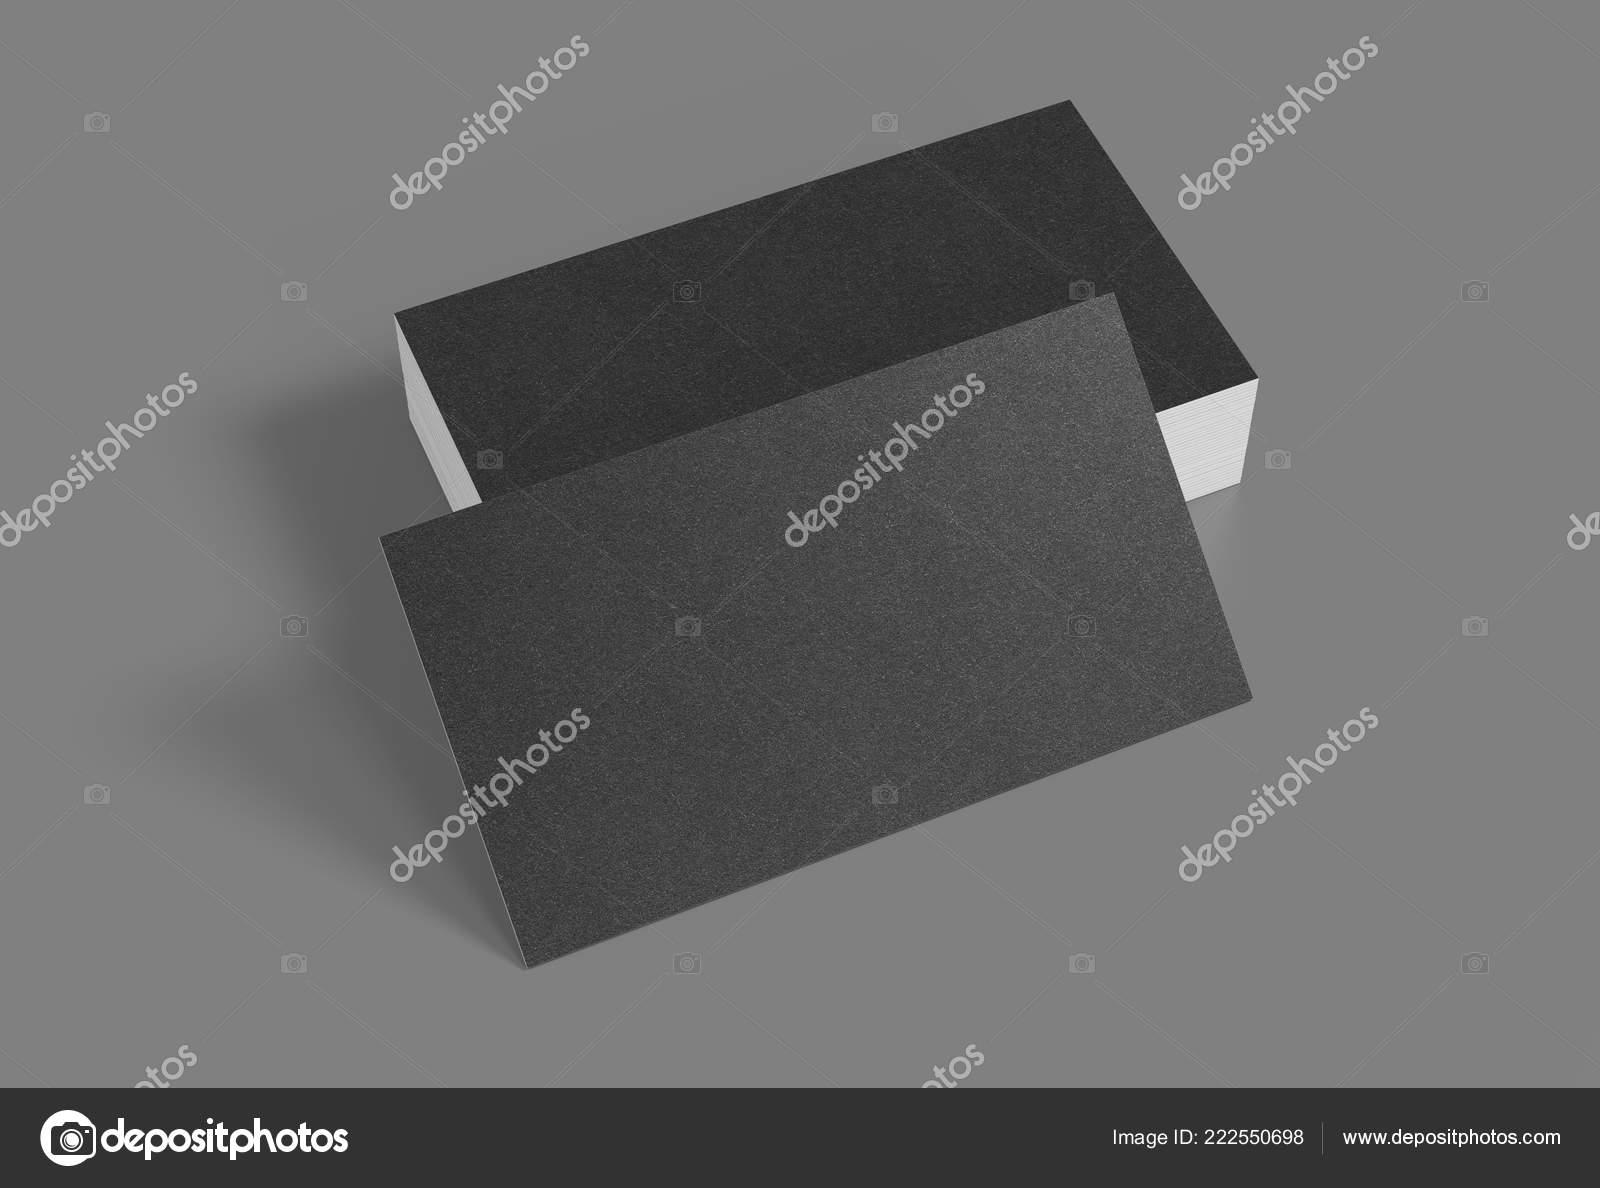 Rendu 3D De La Carte Visite Cartes Noir Modele Vierge Sur Fond Gris Images Stock Libres Droits